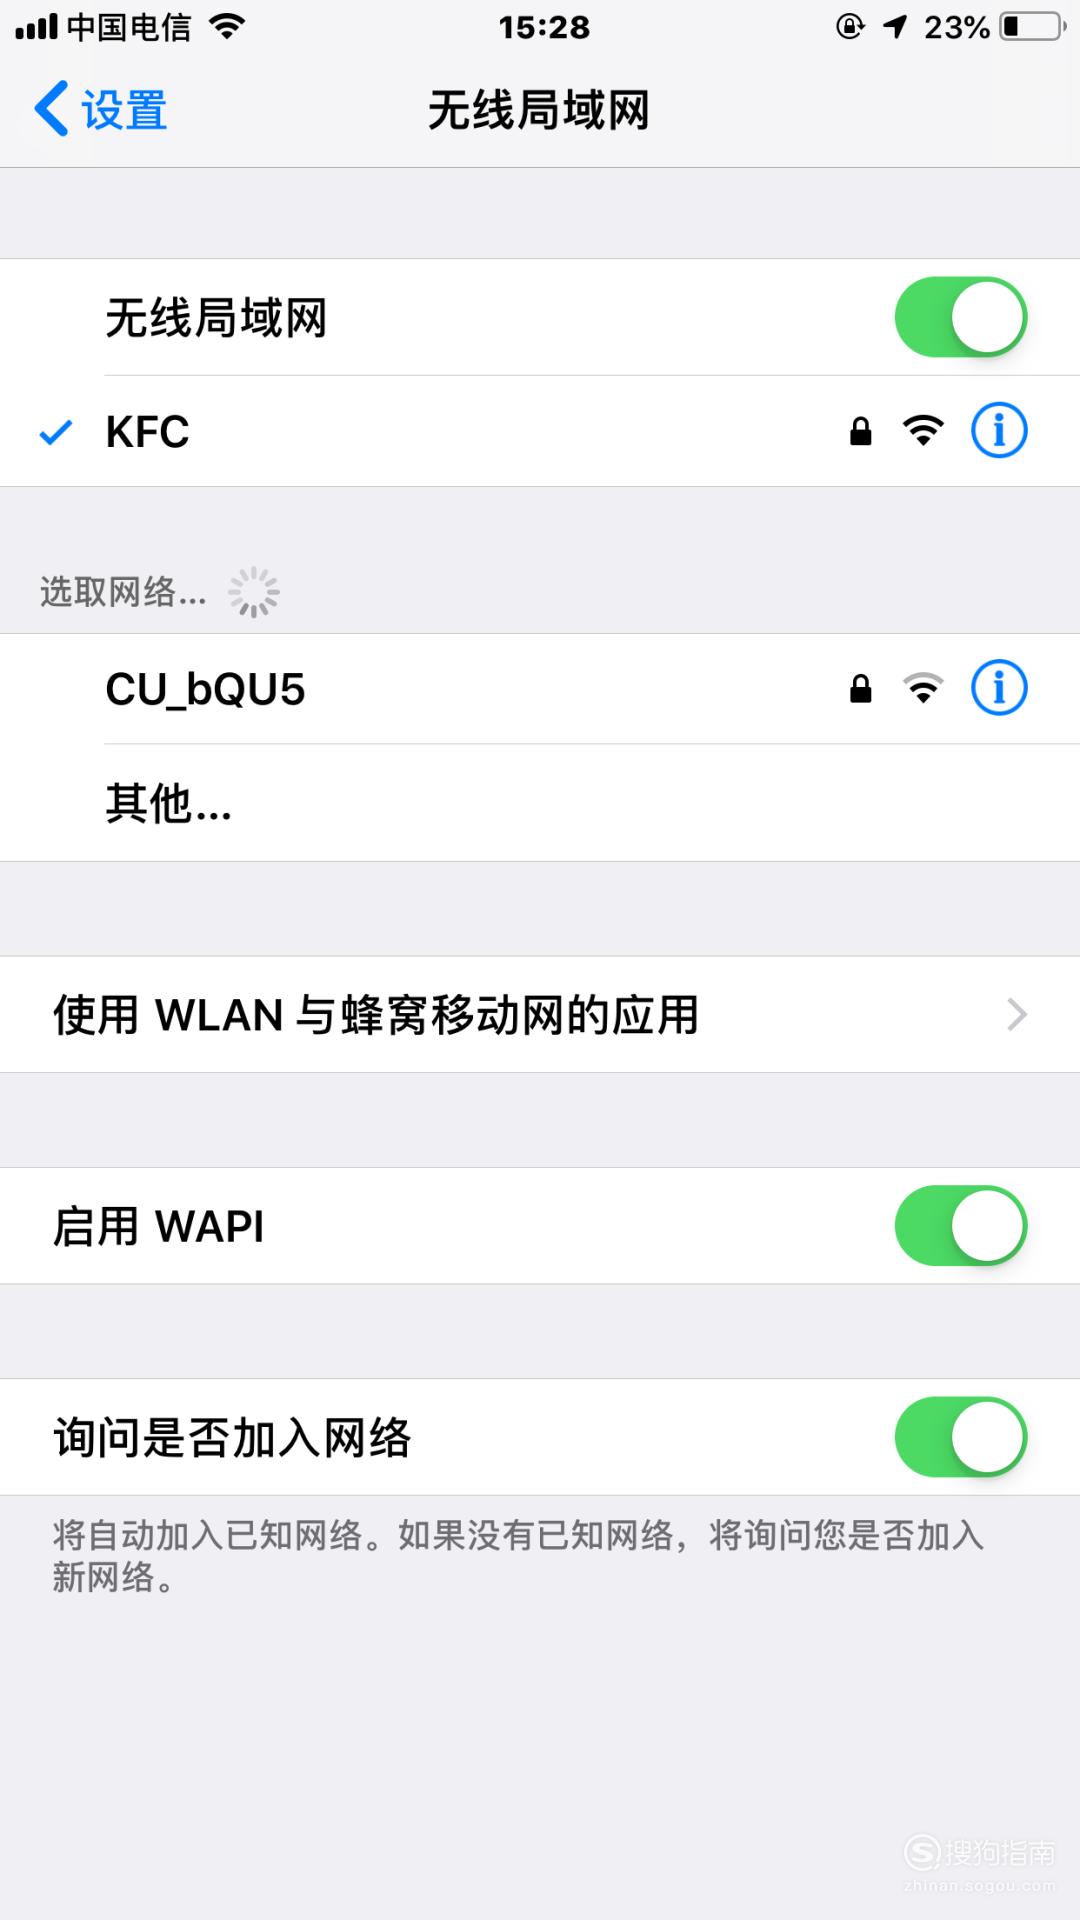 WiFi越用越卡- 教你用手机踢掉蹭网邻居